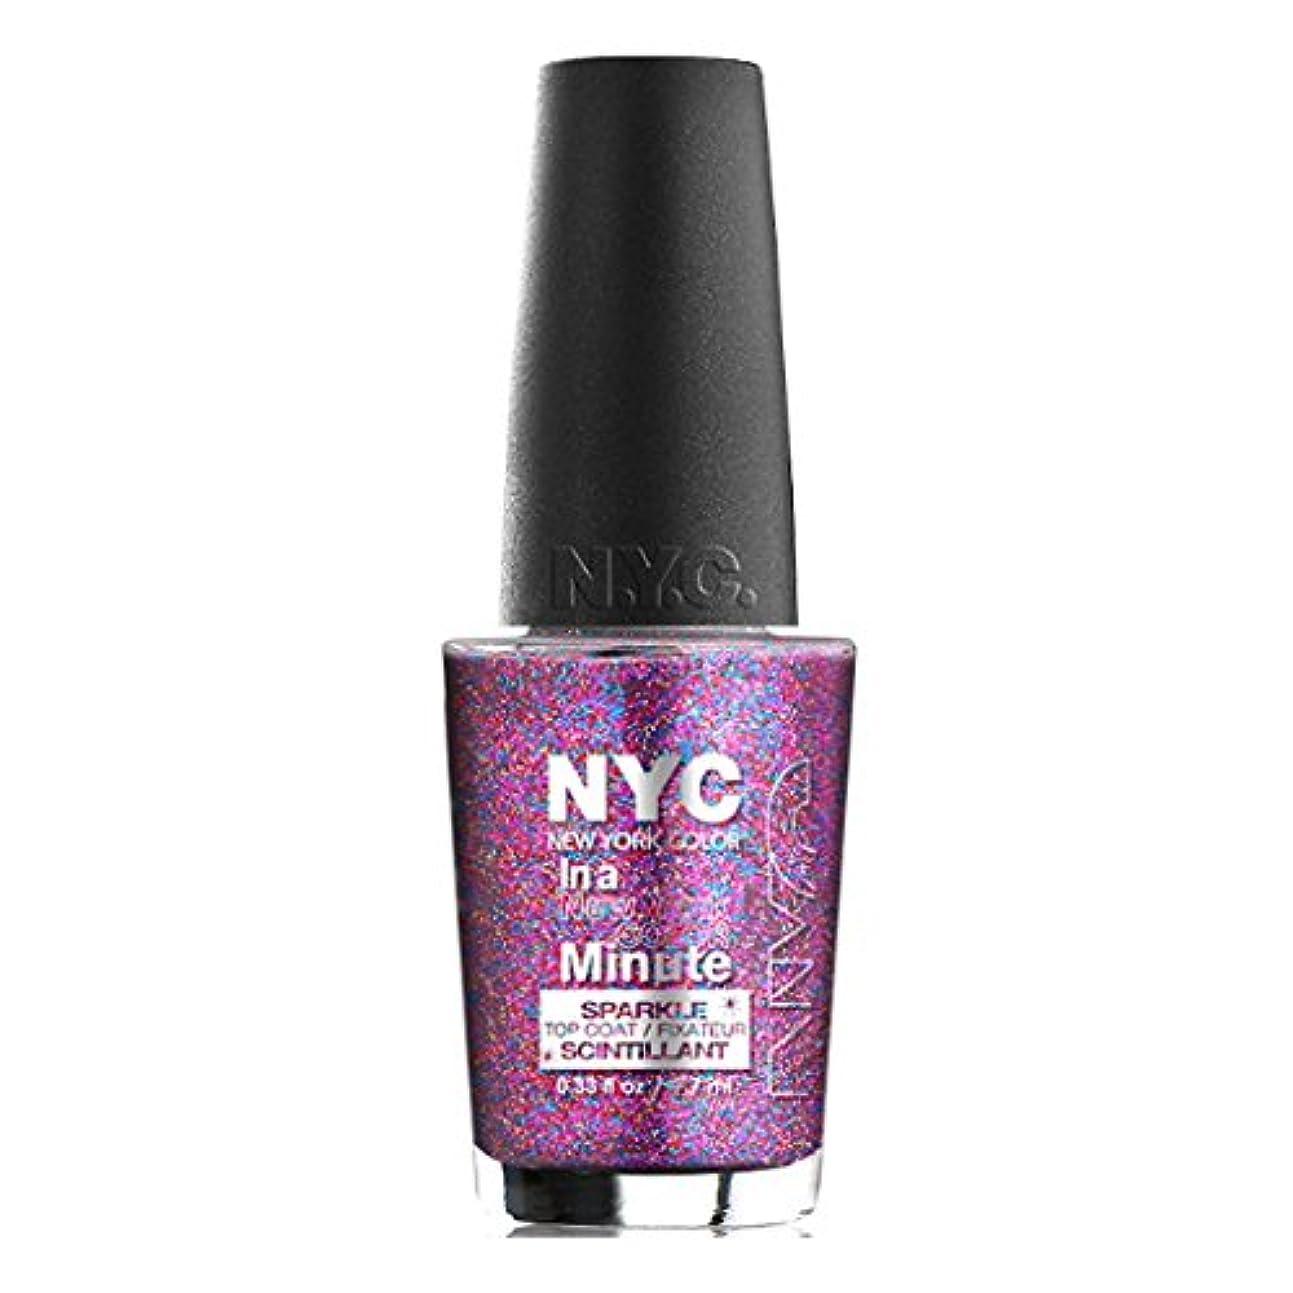 治療クラッチハンマー(6 Pack) NYC In A New York Color Minute Sparkle Top Coat - Big City Dazzle (並行輸入品)